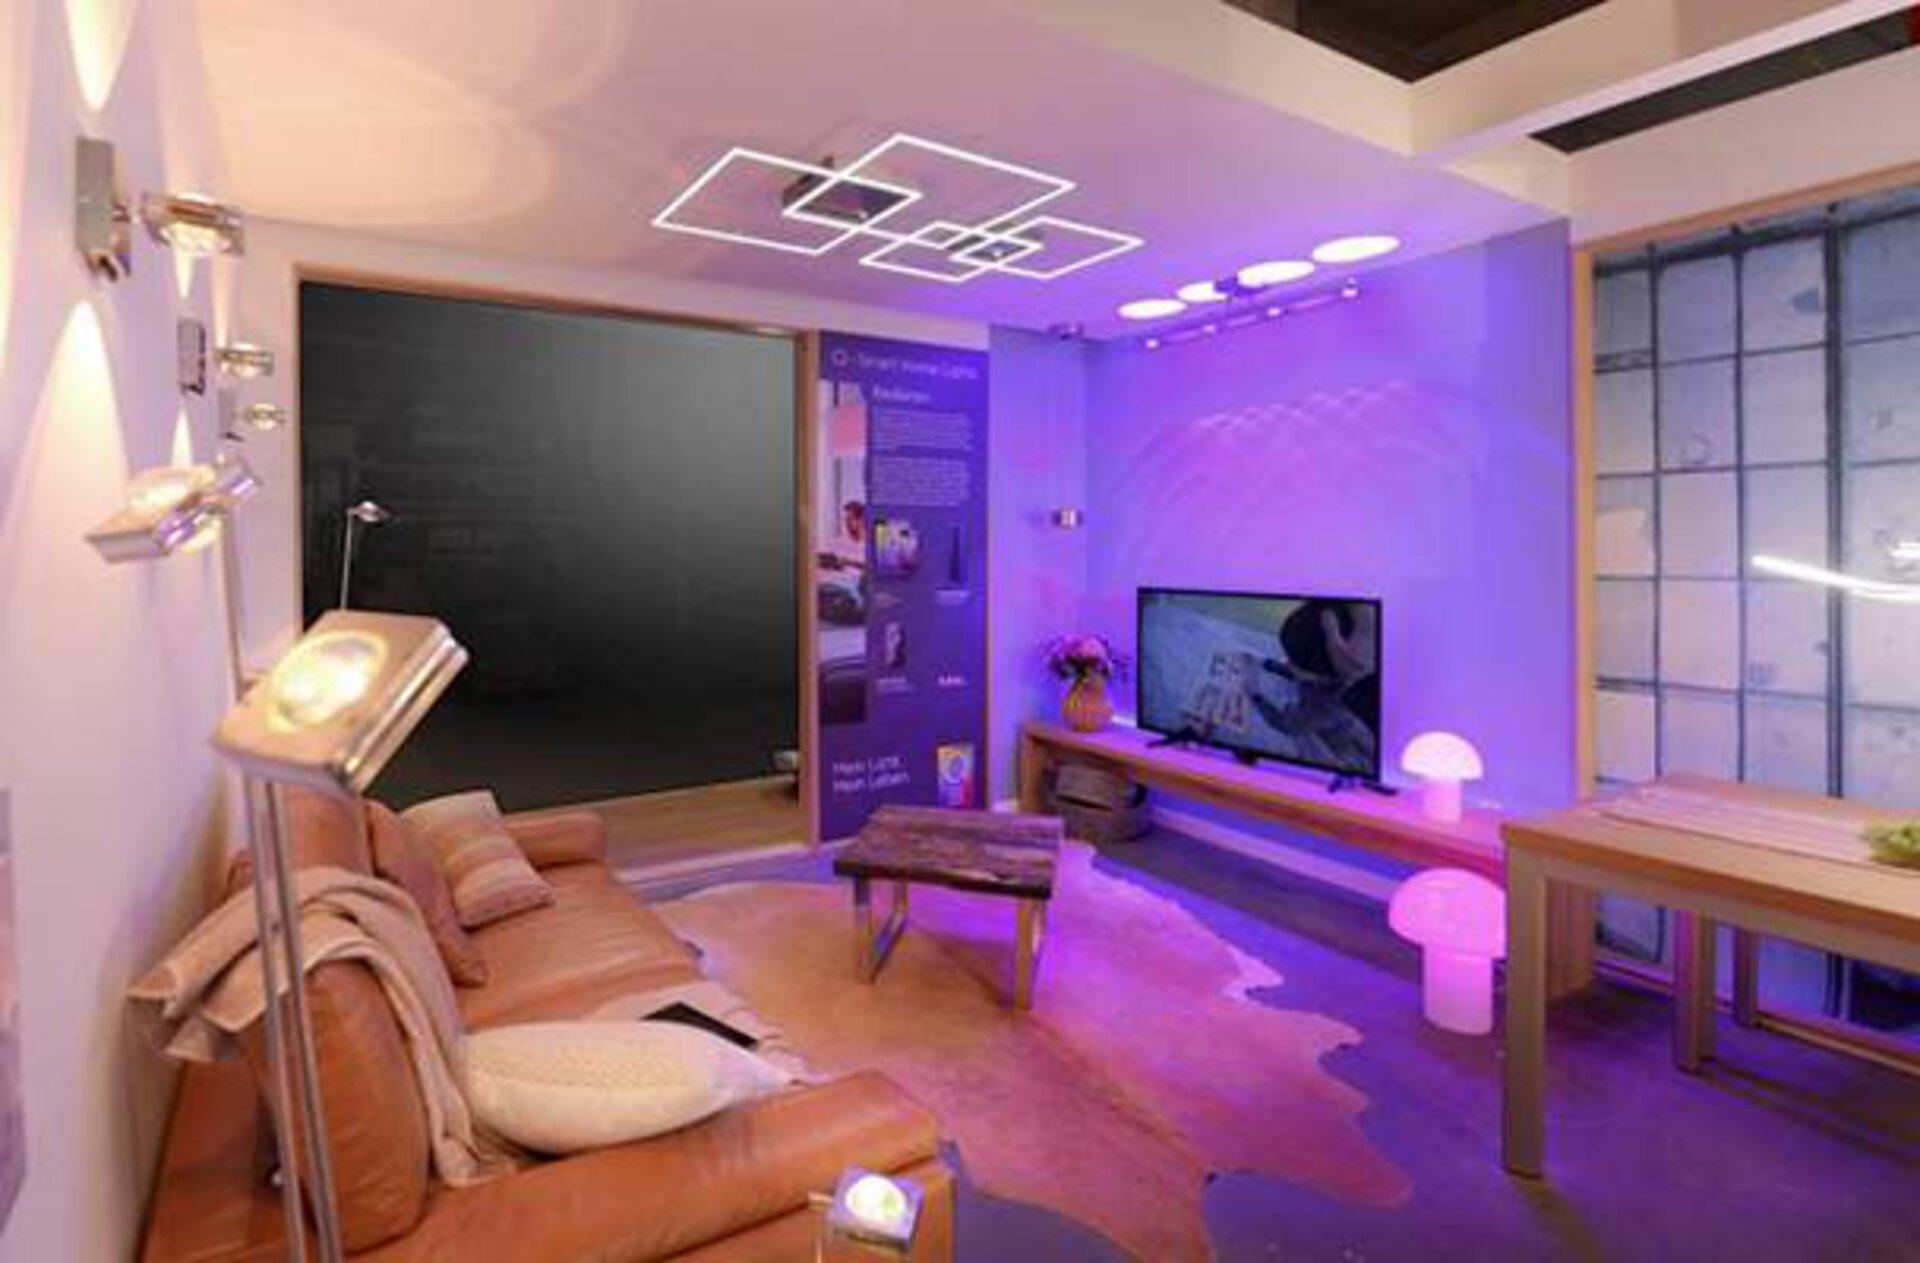 """Ein Ausstellungsraum der in verschiedene Lichtfarben geteilt ist, dient als Milieubild für """"Smart Home Leuchten"""" innerhalb des Inspirationsbereichs."""